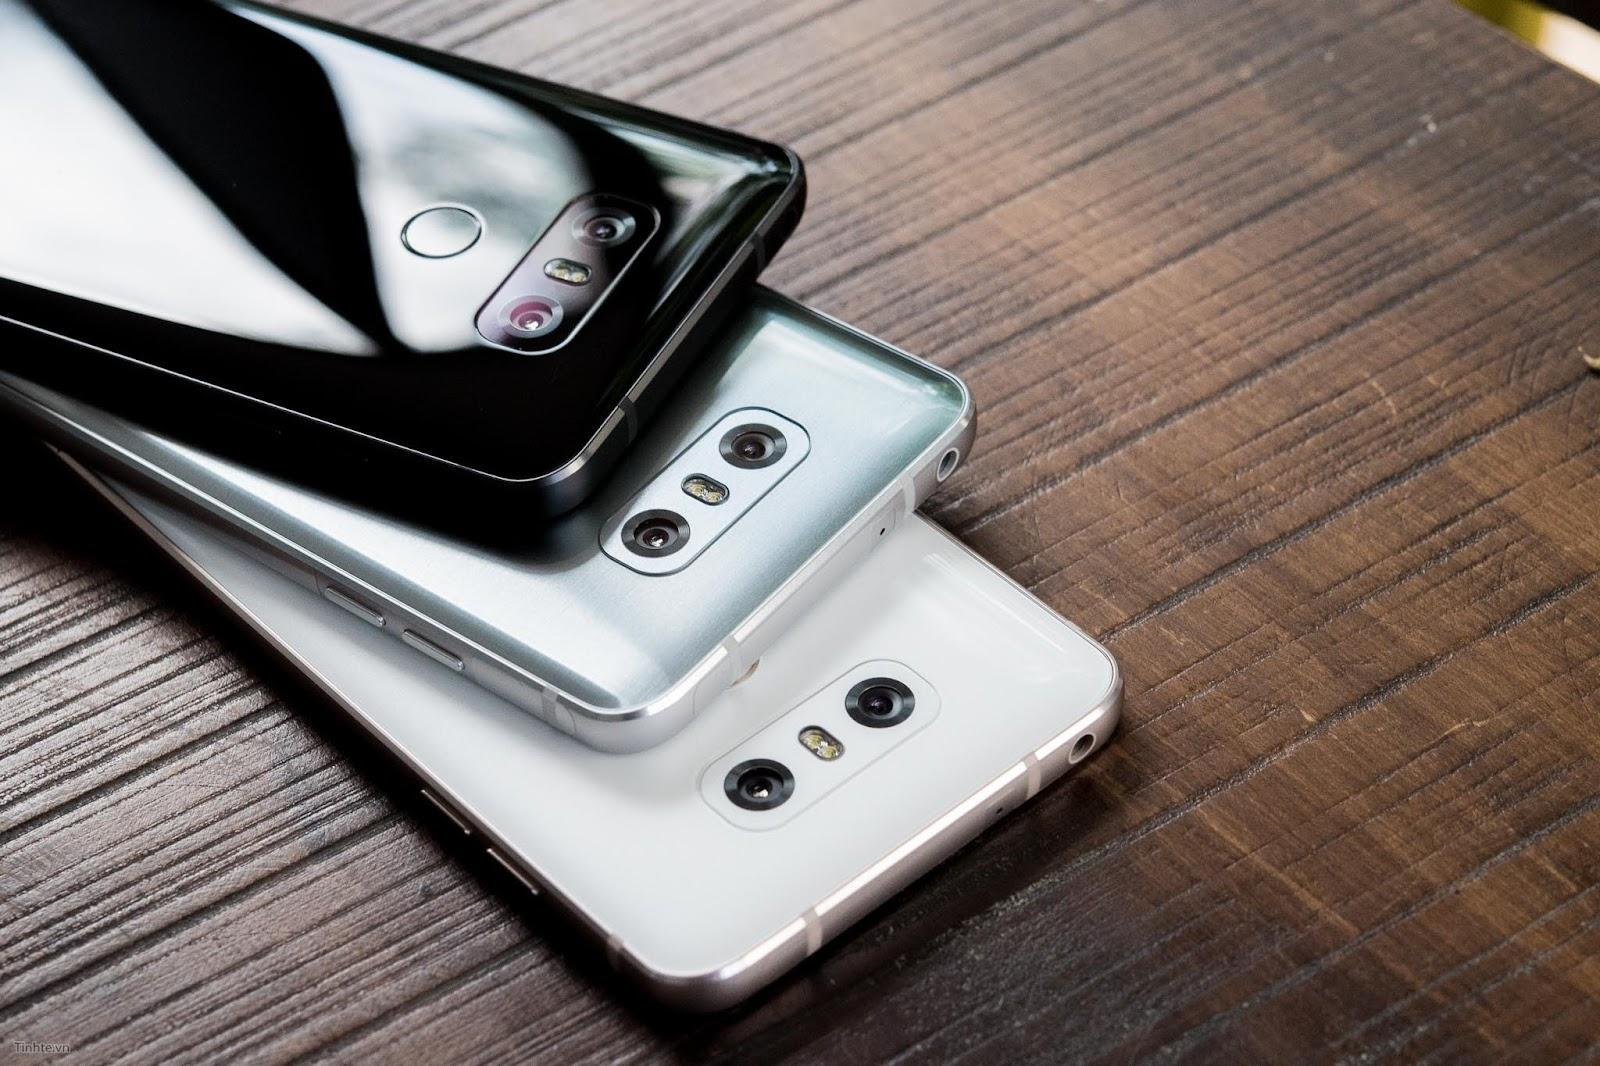 Khắc phục lỗi chân xạc báo ẩm máy LG G6 ra sao?